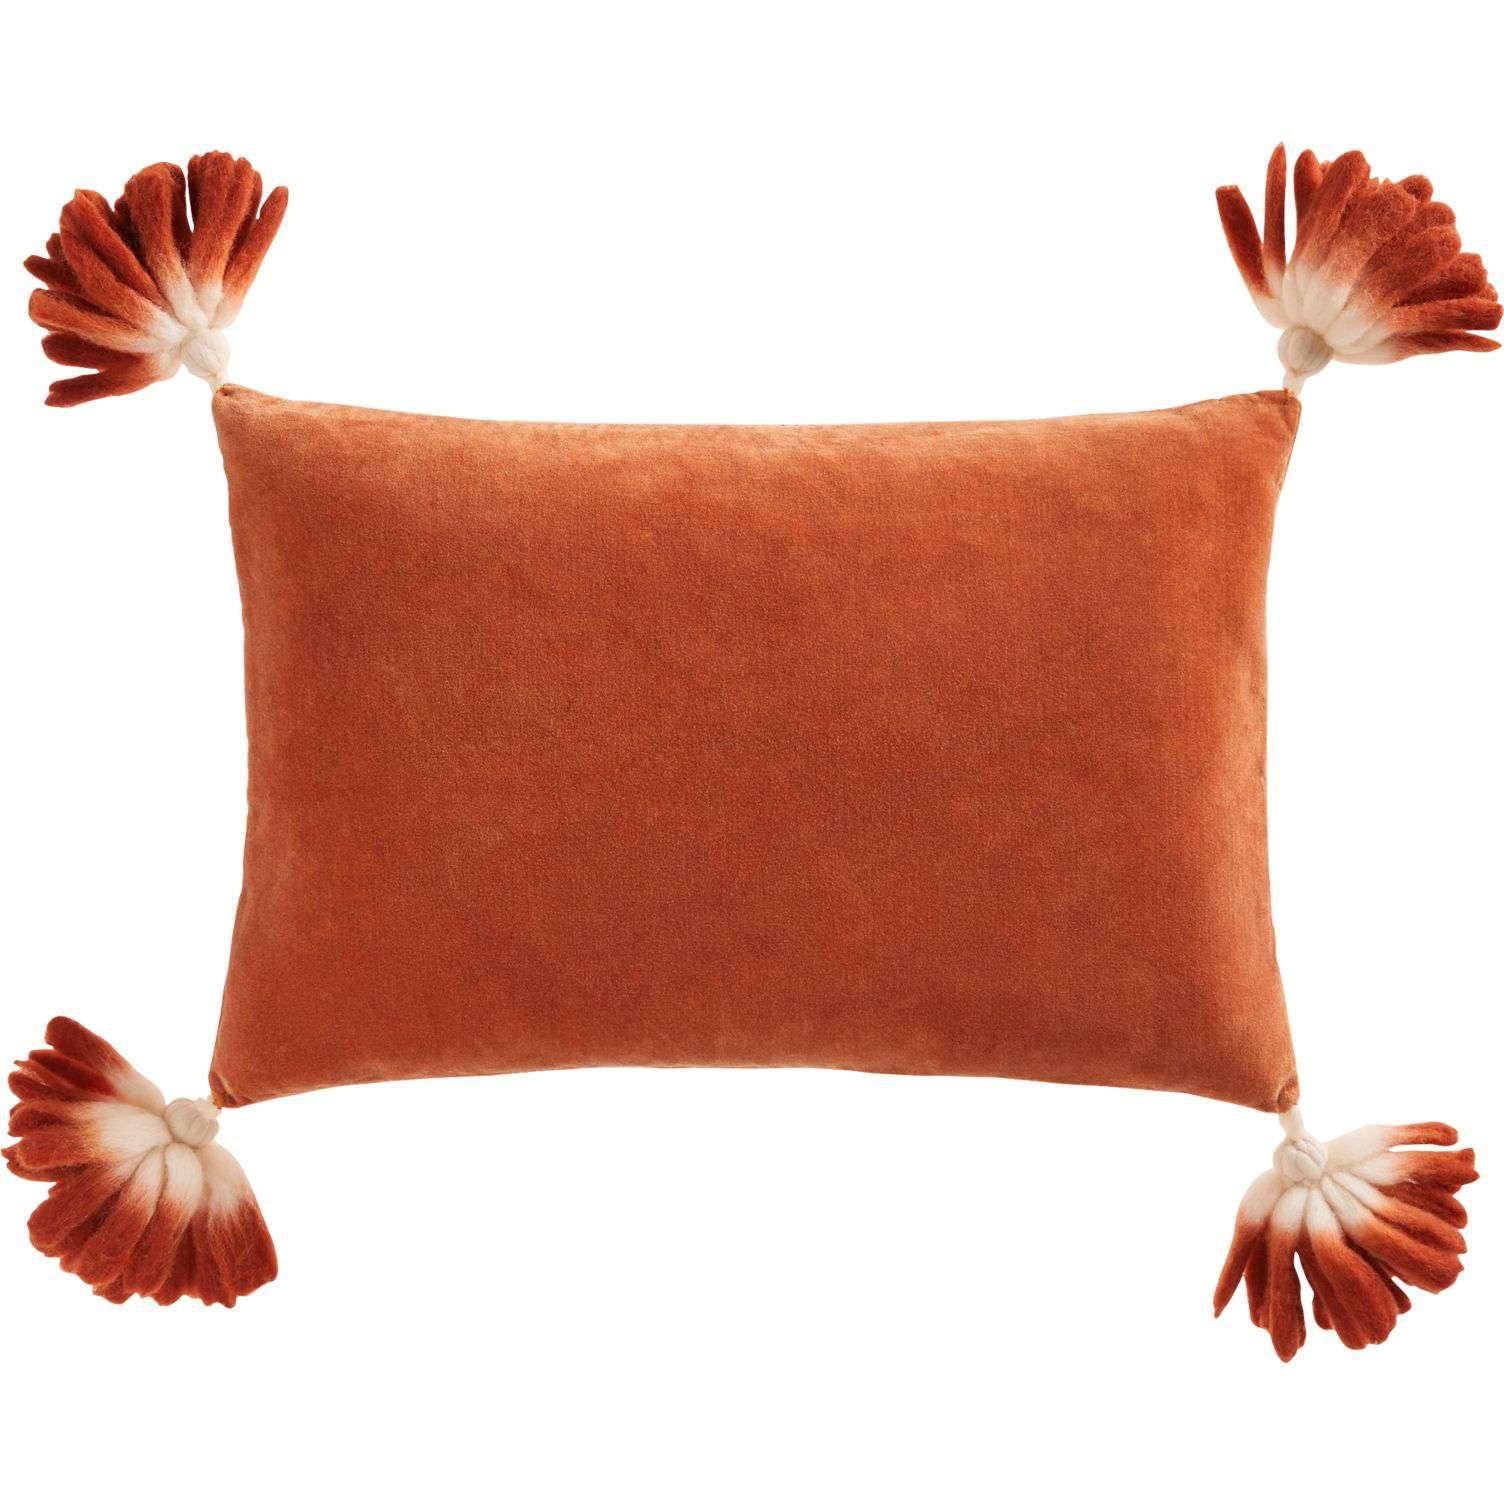 An orange velvet lumbar pillow with ombré tassels by CB2.